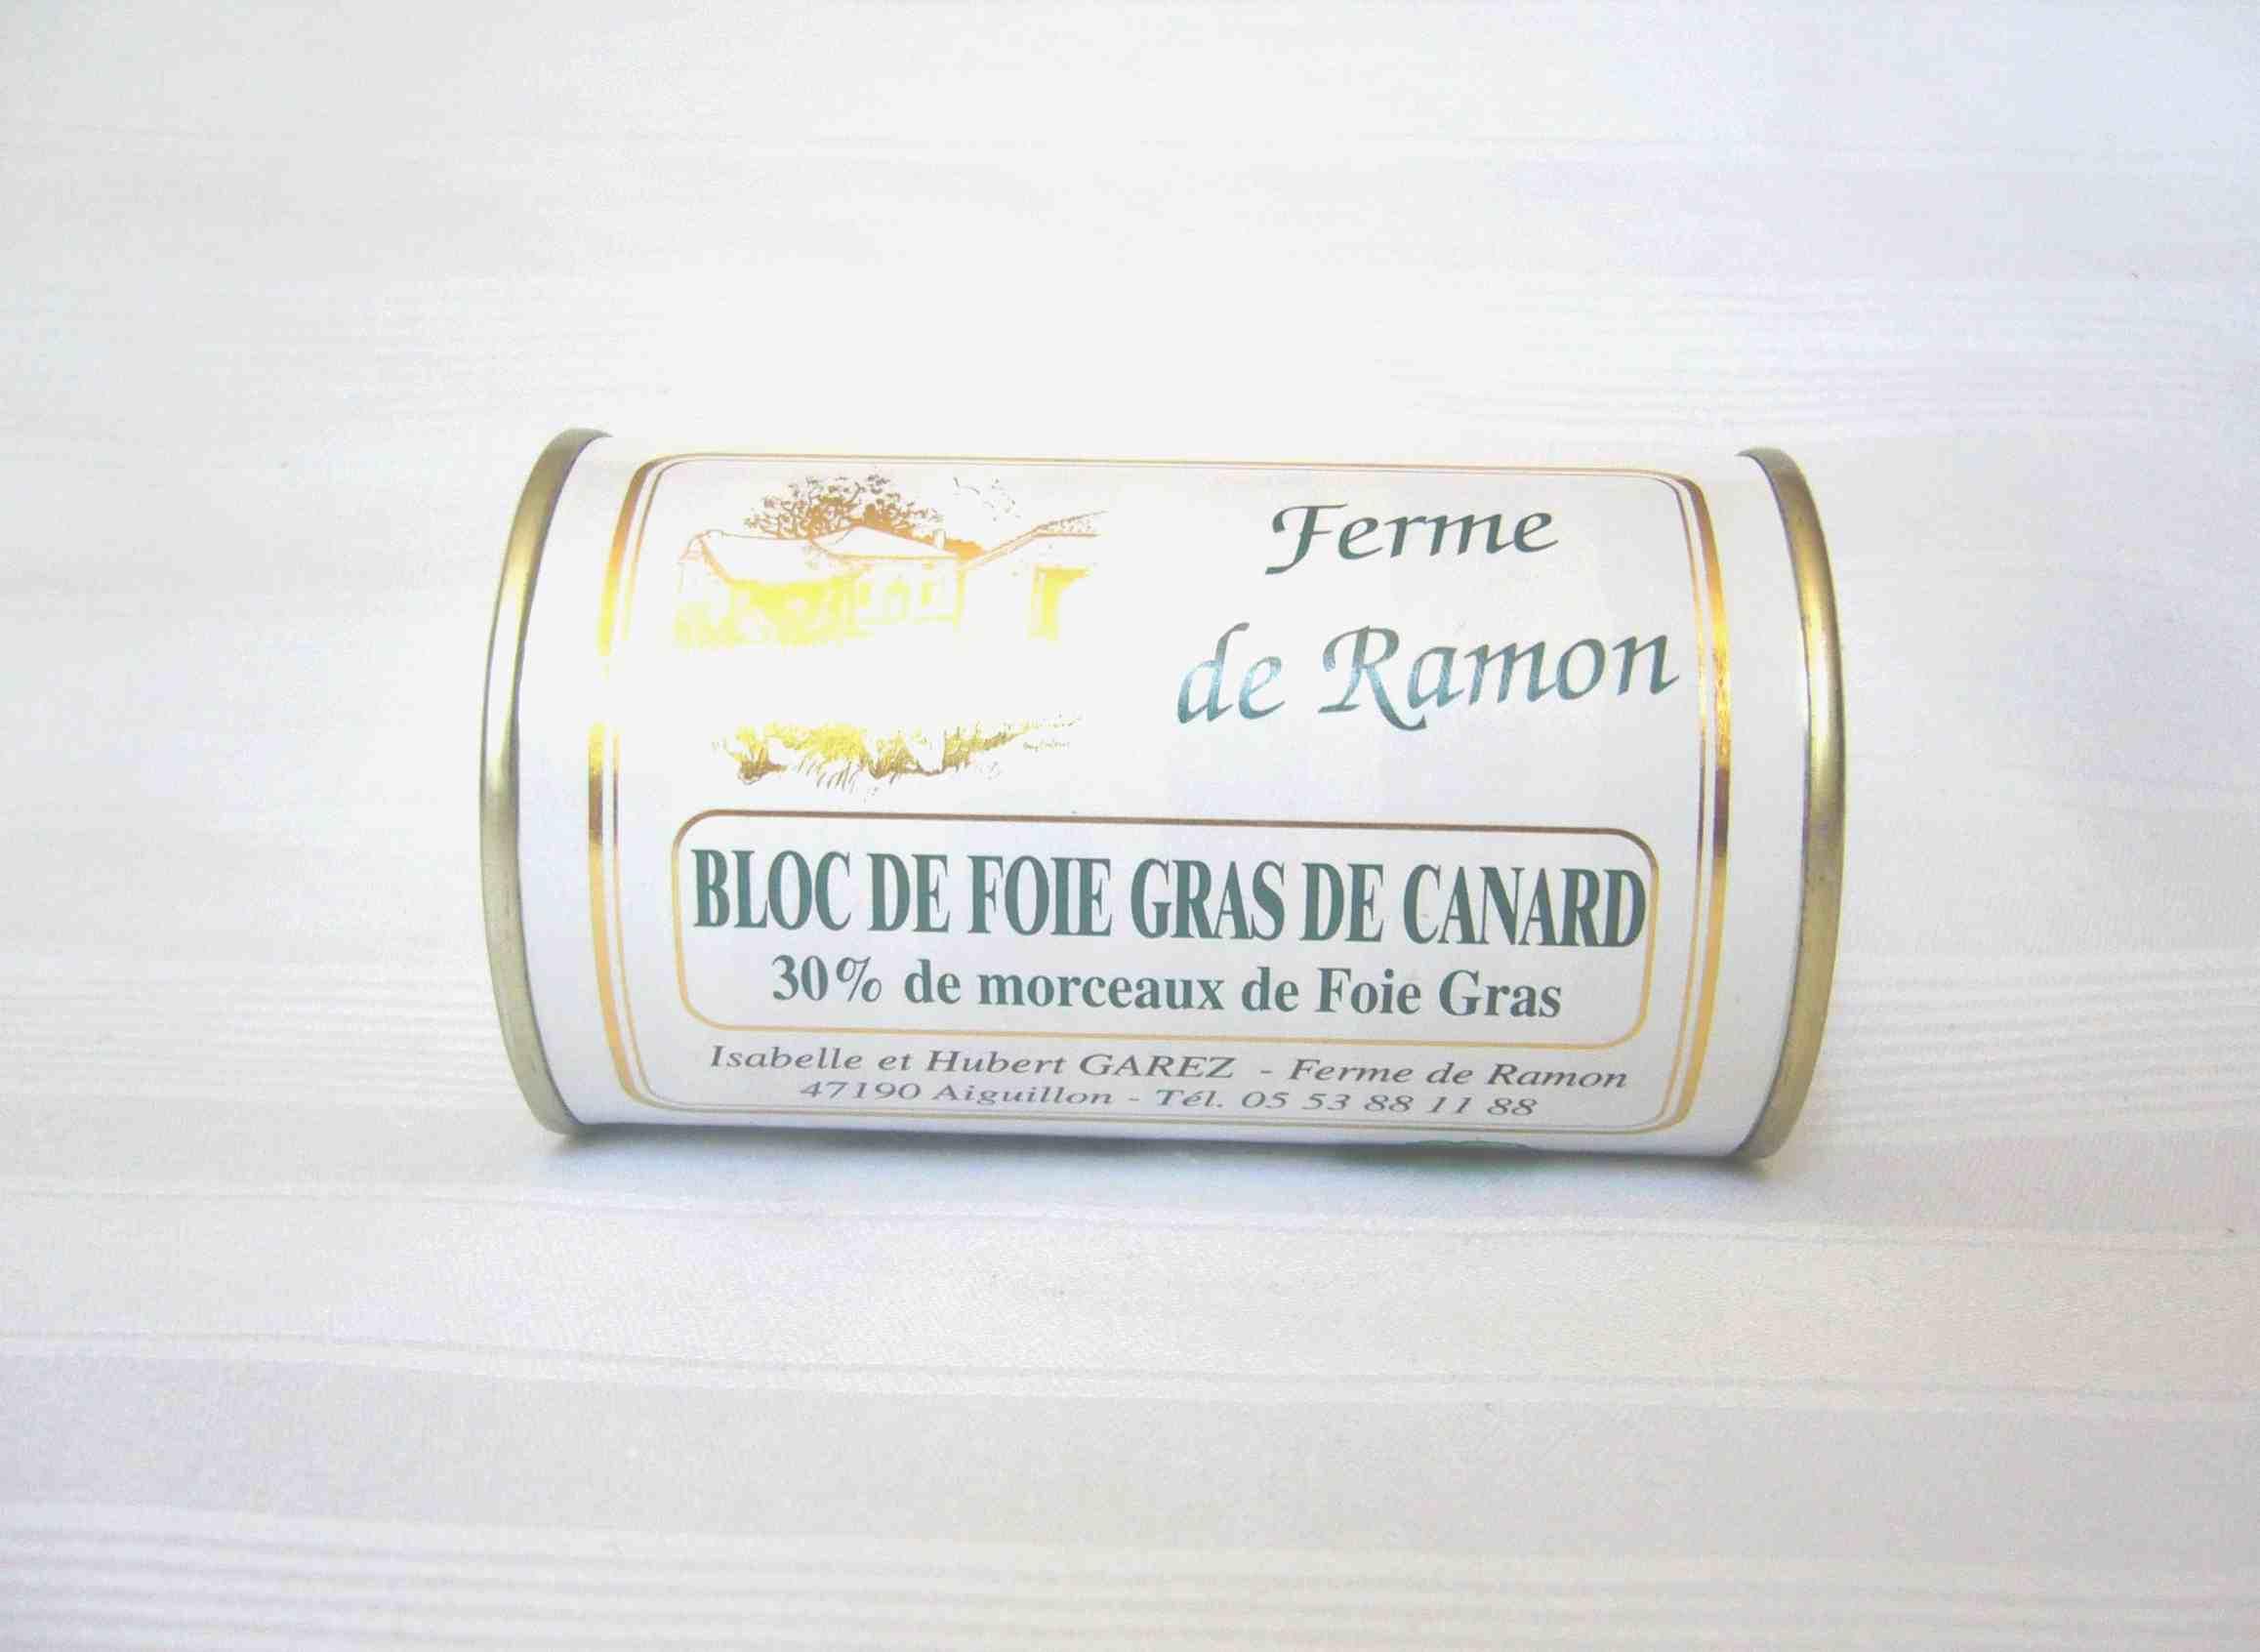 Produit - Bloc grand - Producteur foie gras